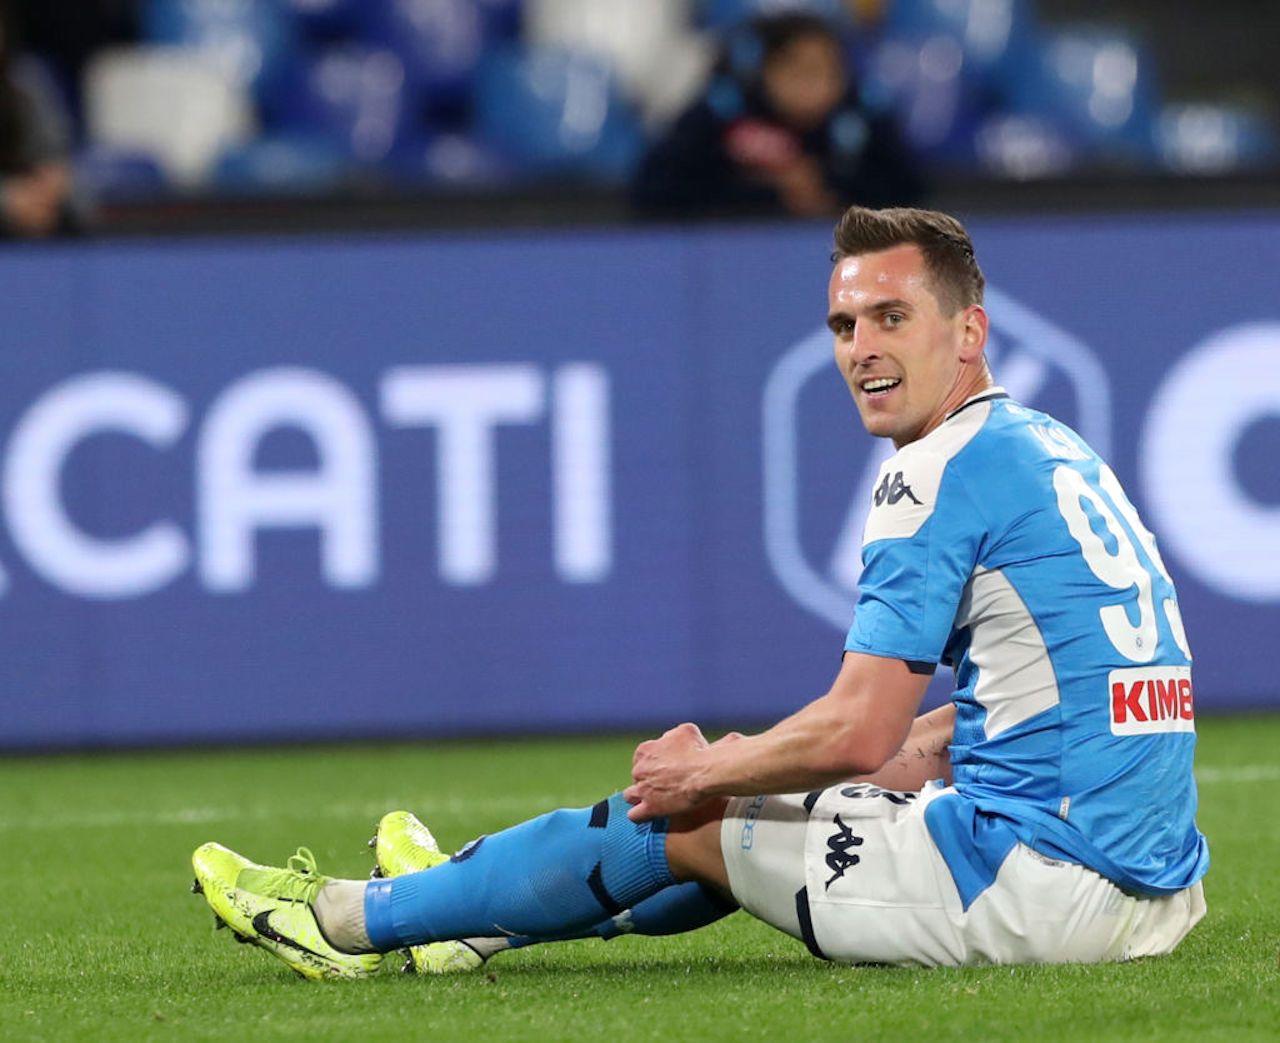 Calciomercato Napoli | Cessioni Milik e Koulibaly: la situazione